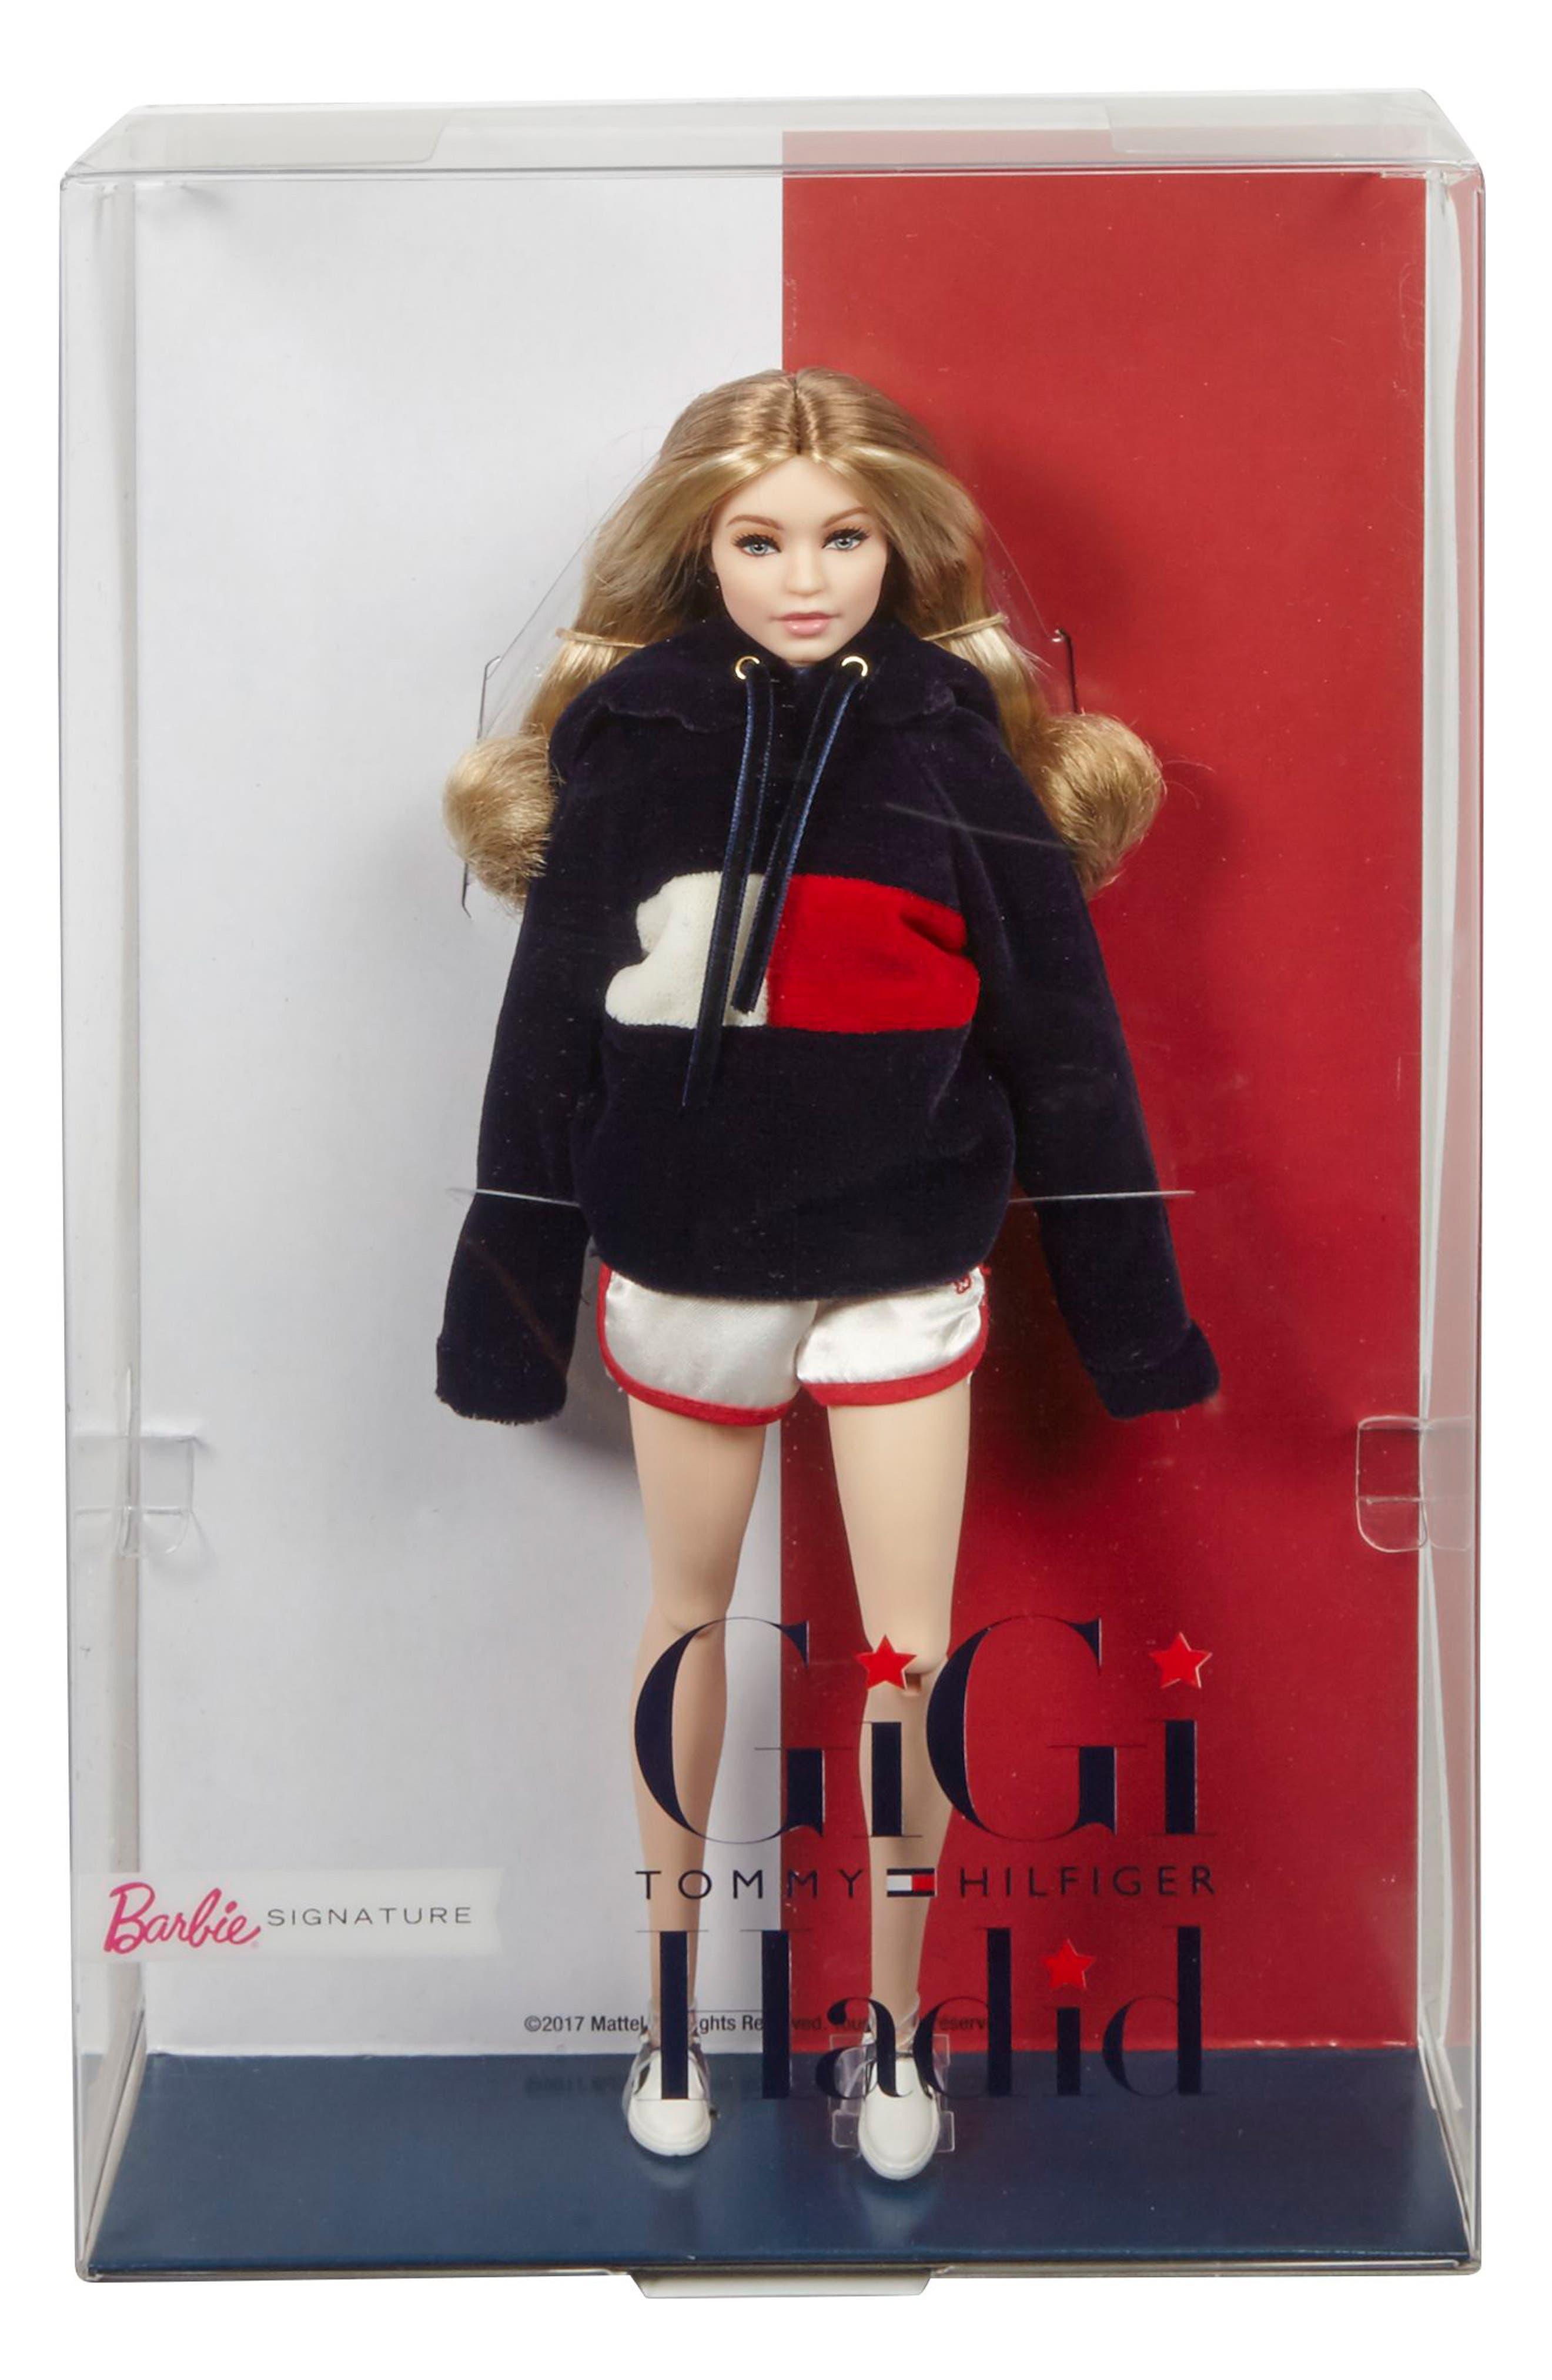 Mattel Barbie® Signature Tommy Hilfiger x Gigi Hadid Doll